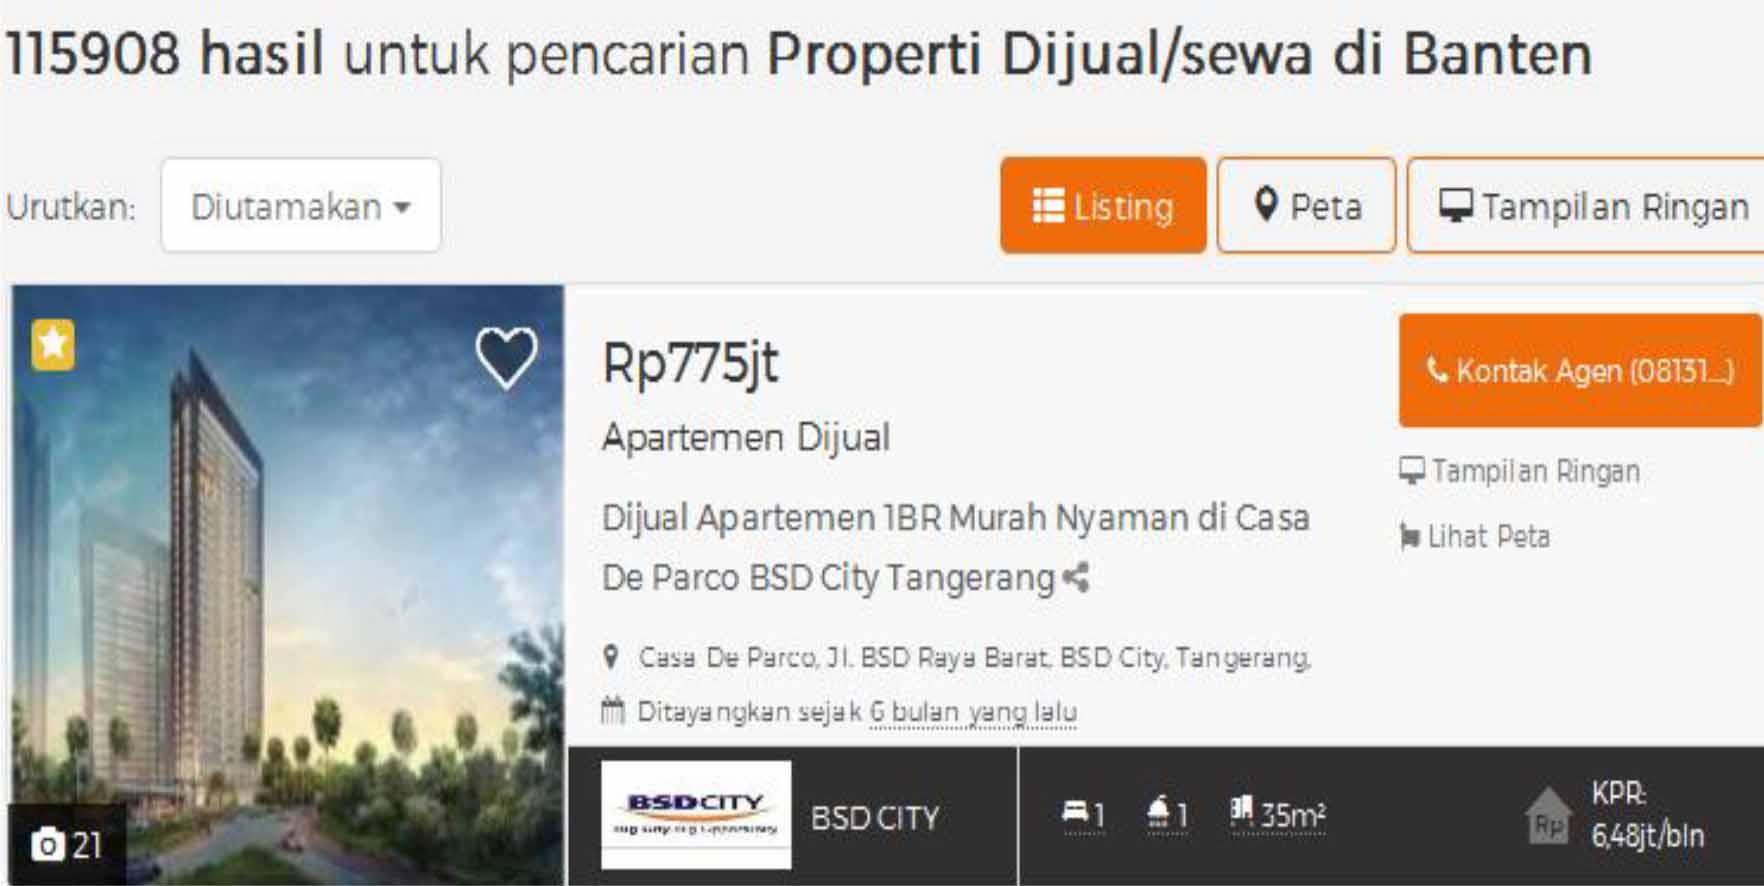 Rumah Dijual di Serang Banten